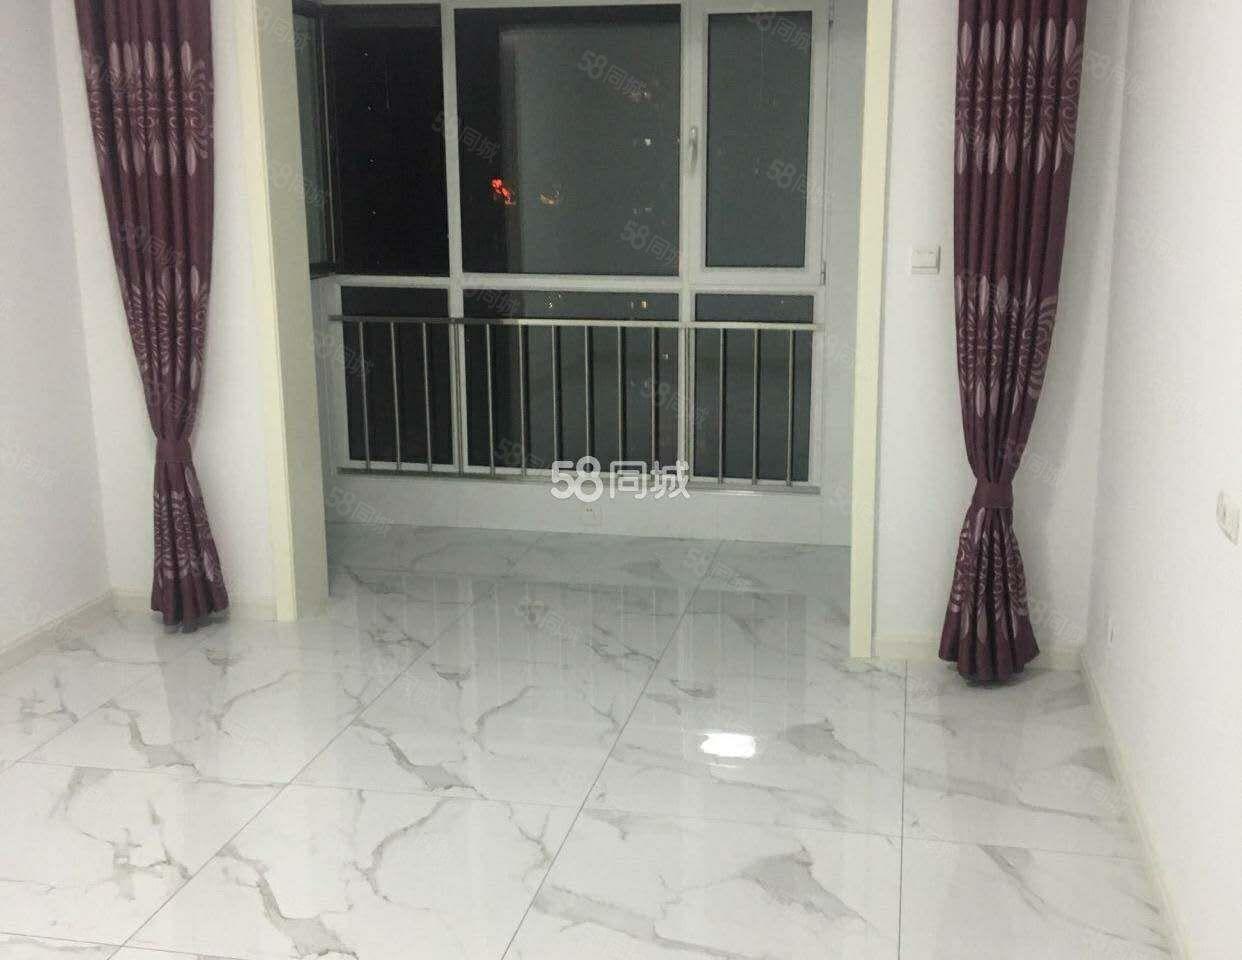 公园东街凤凰苑小区三室出租简装有床能洗澡紧邻人民公园